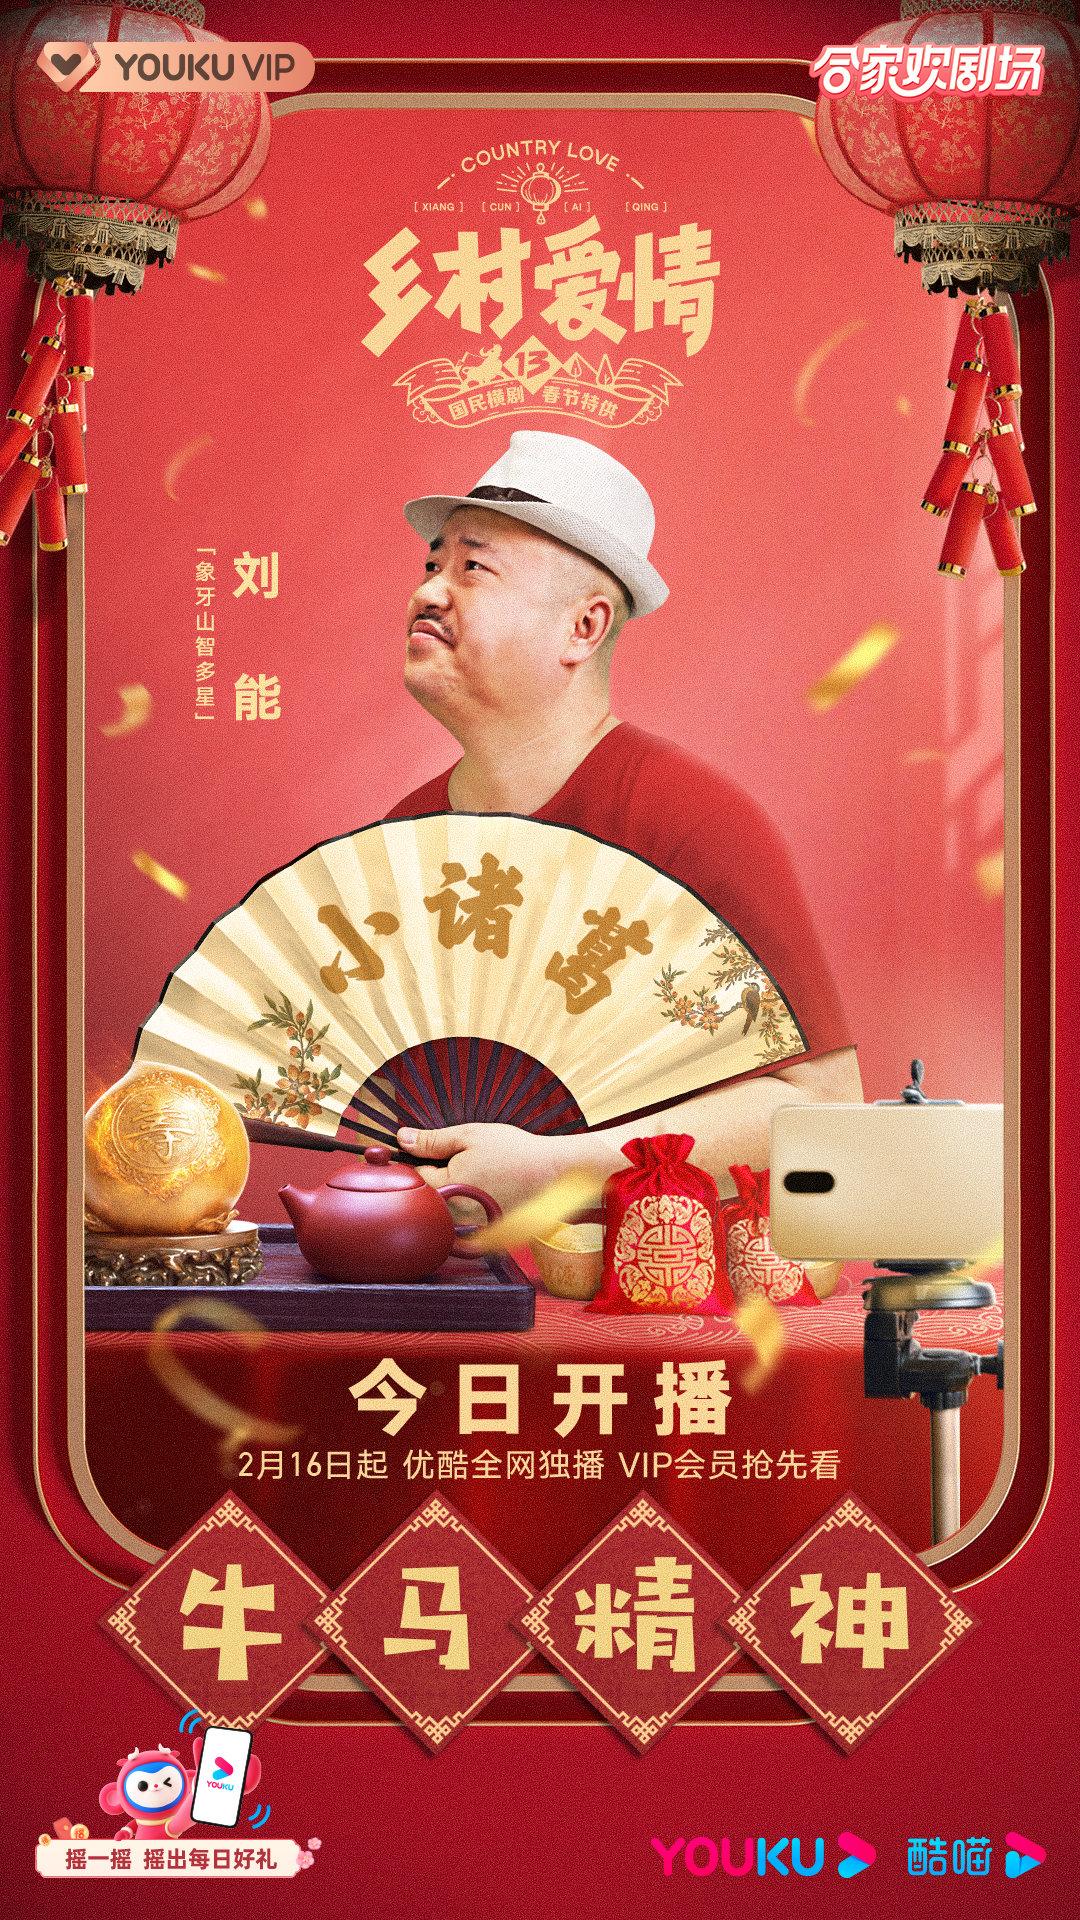 """《乡村爱情13》开播,刘能换人,网友大呼""""爷青结"""""""